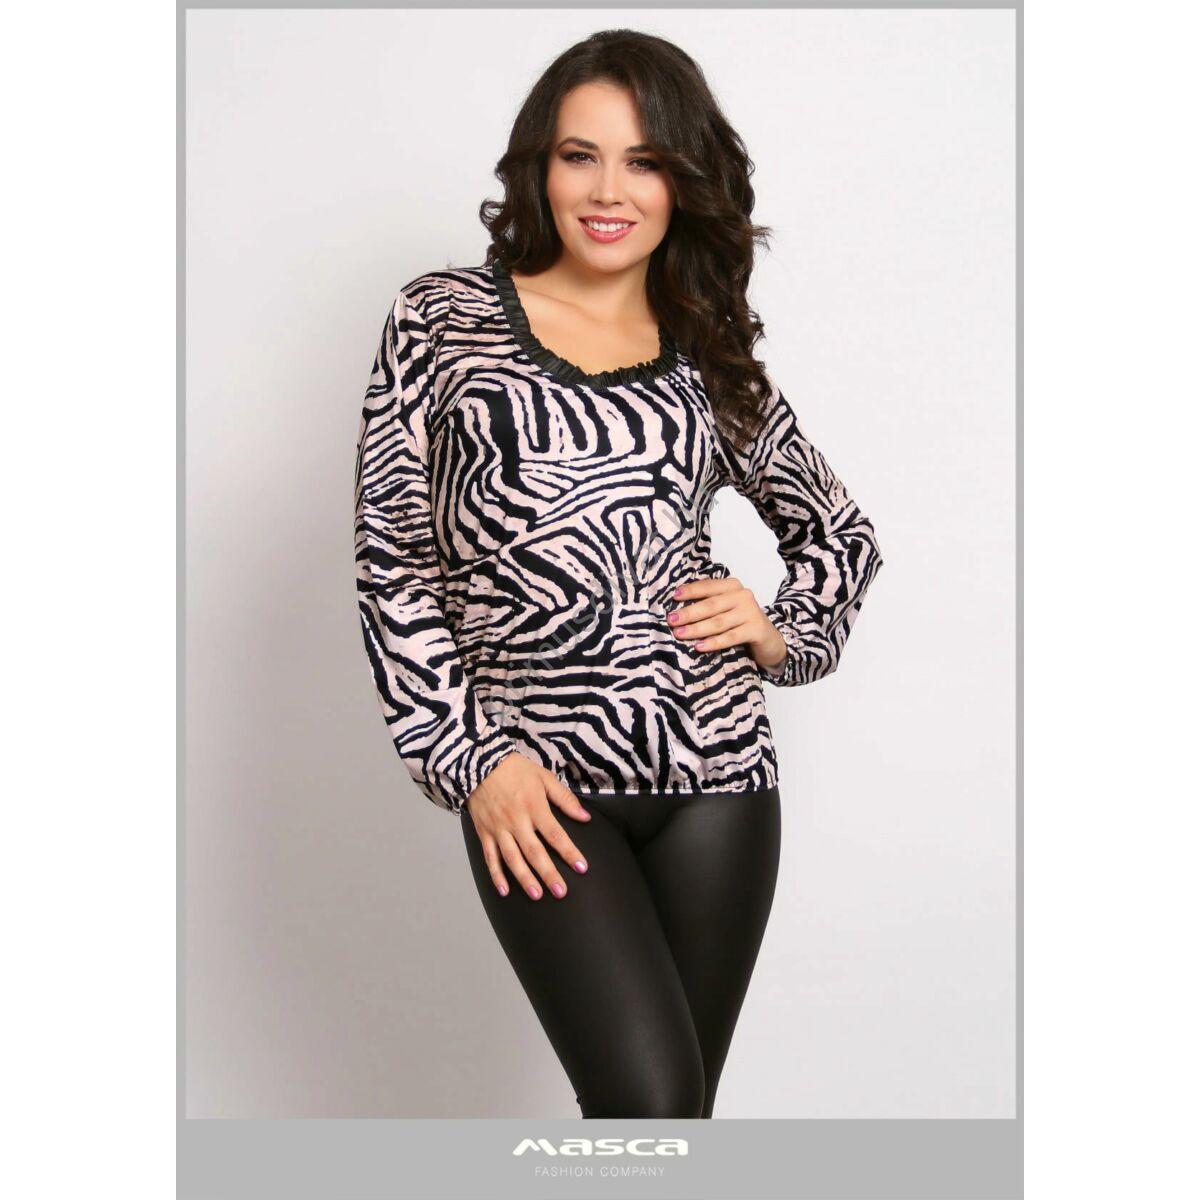 Masca Fashion fodorszegélyes nyakú, drapp-fekete zebracsíkos hosszú ujjú felső, csípőjén gumis behúzással